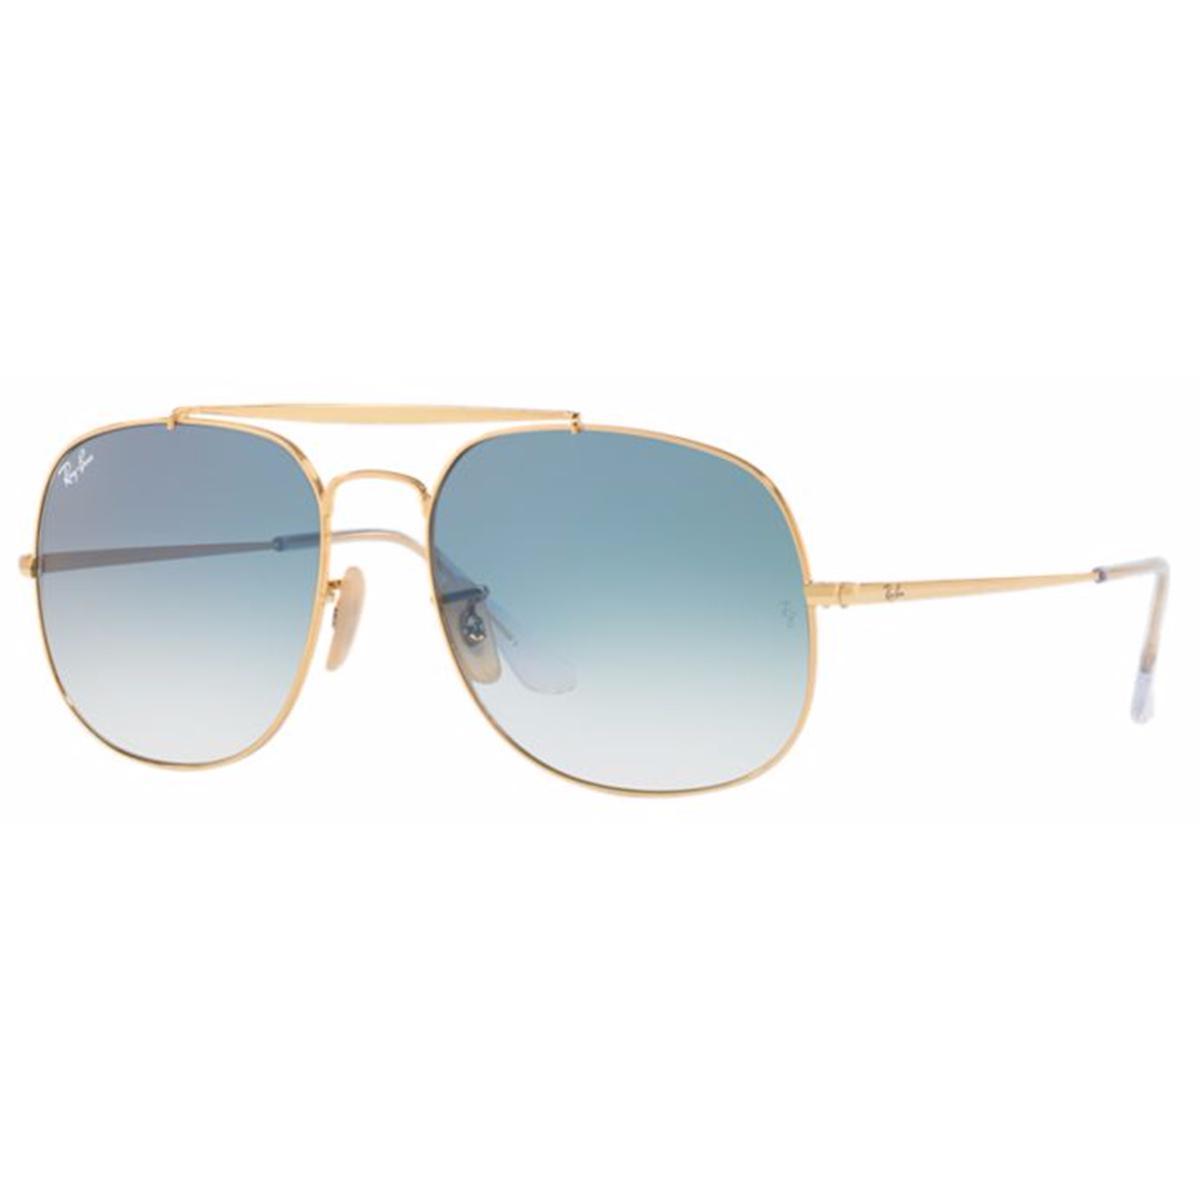 Óculos de Sol Ray-Ban General RB3561 001 3F R  514,25 à vista. Adicionar à  sacola b5da0b5506